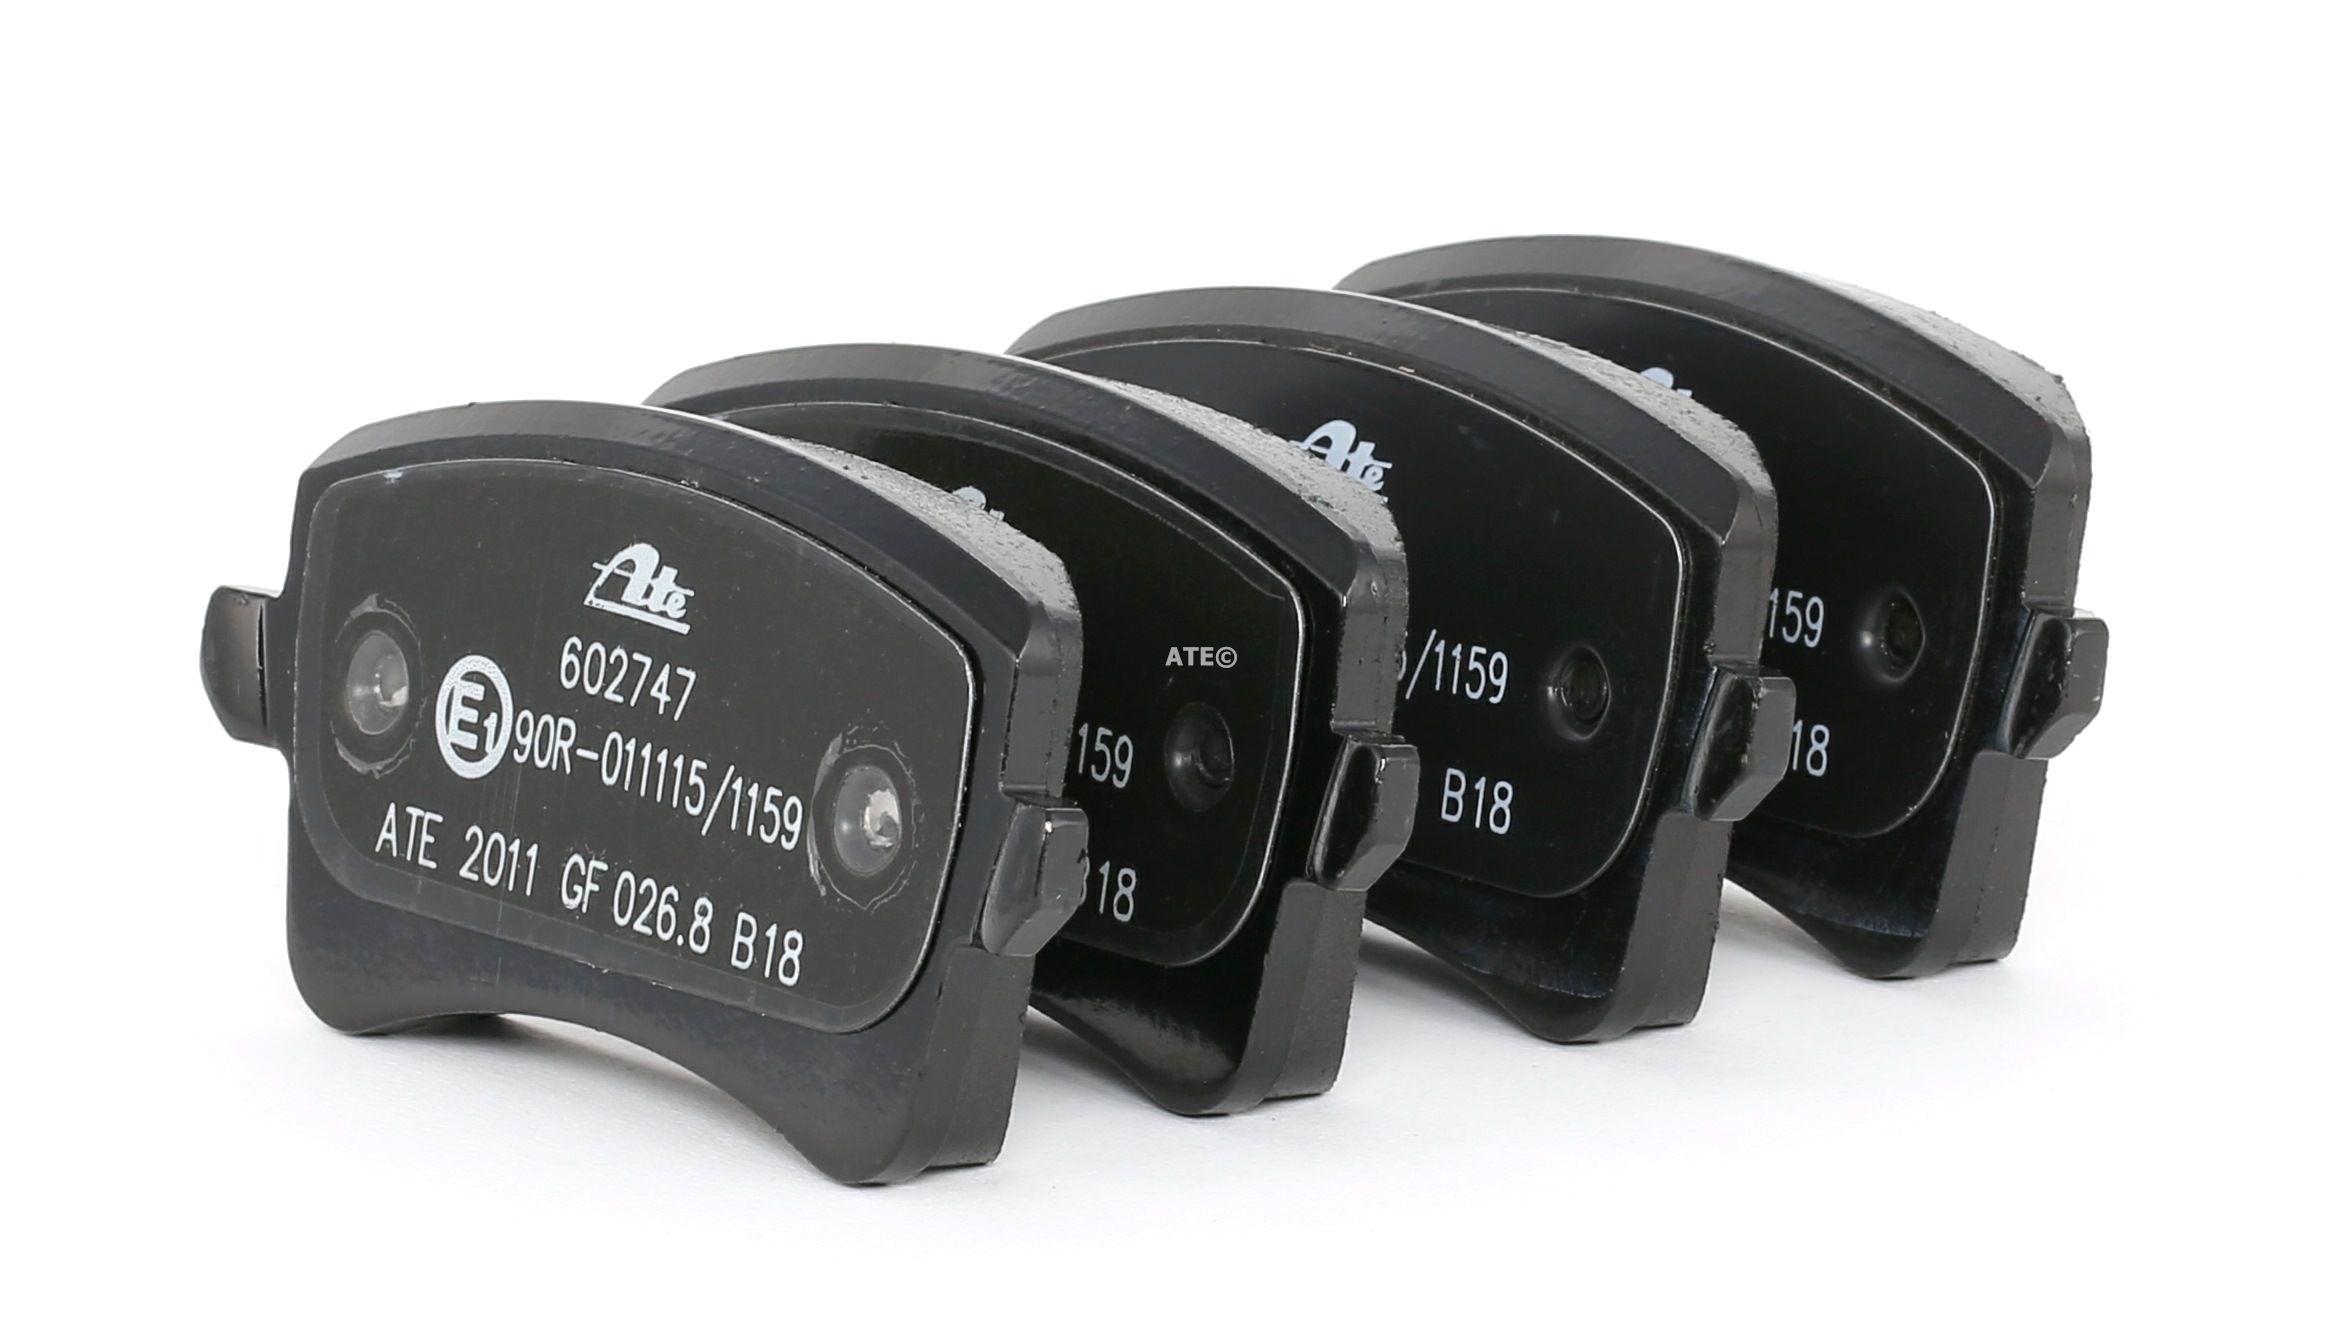 AUDI A4 2015 Bremsklötze - Original ATE 13.0460-2747.2 Höhe: 58,5mm, Breite: 116,4mm, Dicke/Stärke 1: 17,4mm, Dicke/Stärke 2: 17,7mm